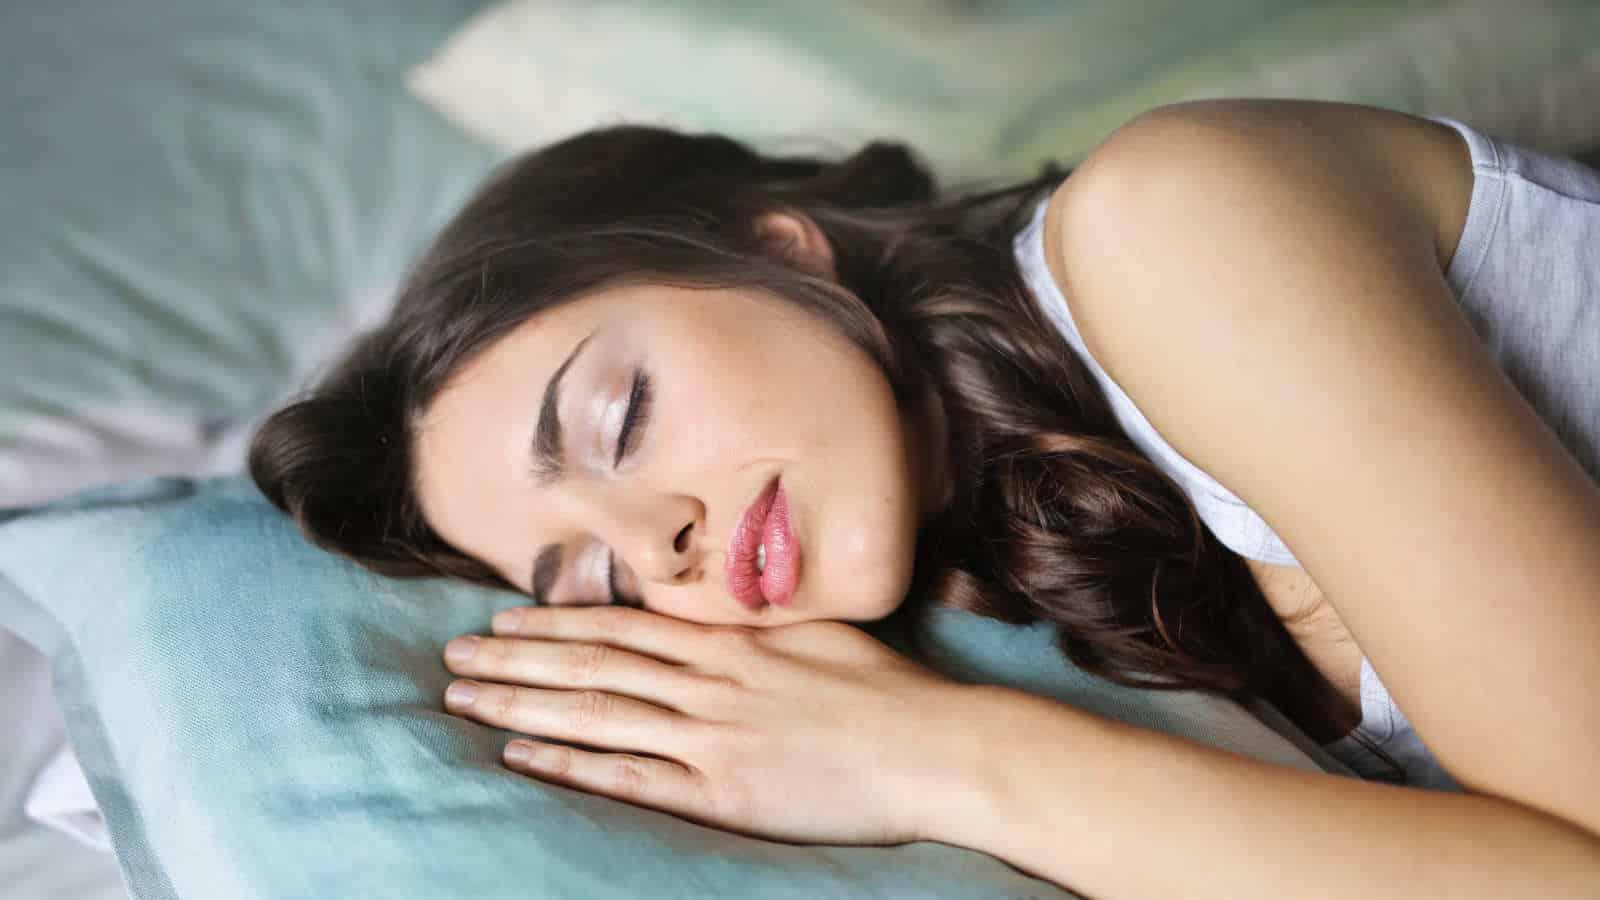 Schlaffalten- 7 effektive Tipps gegen Falten im Schlaf